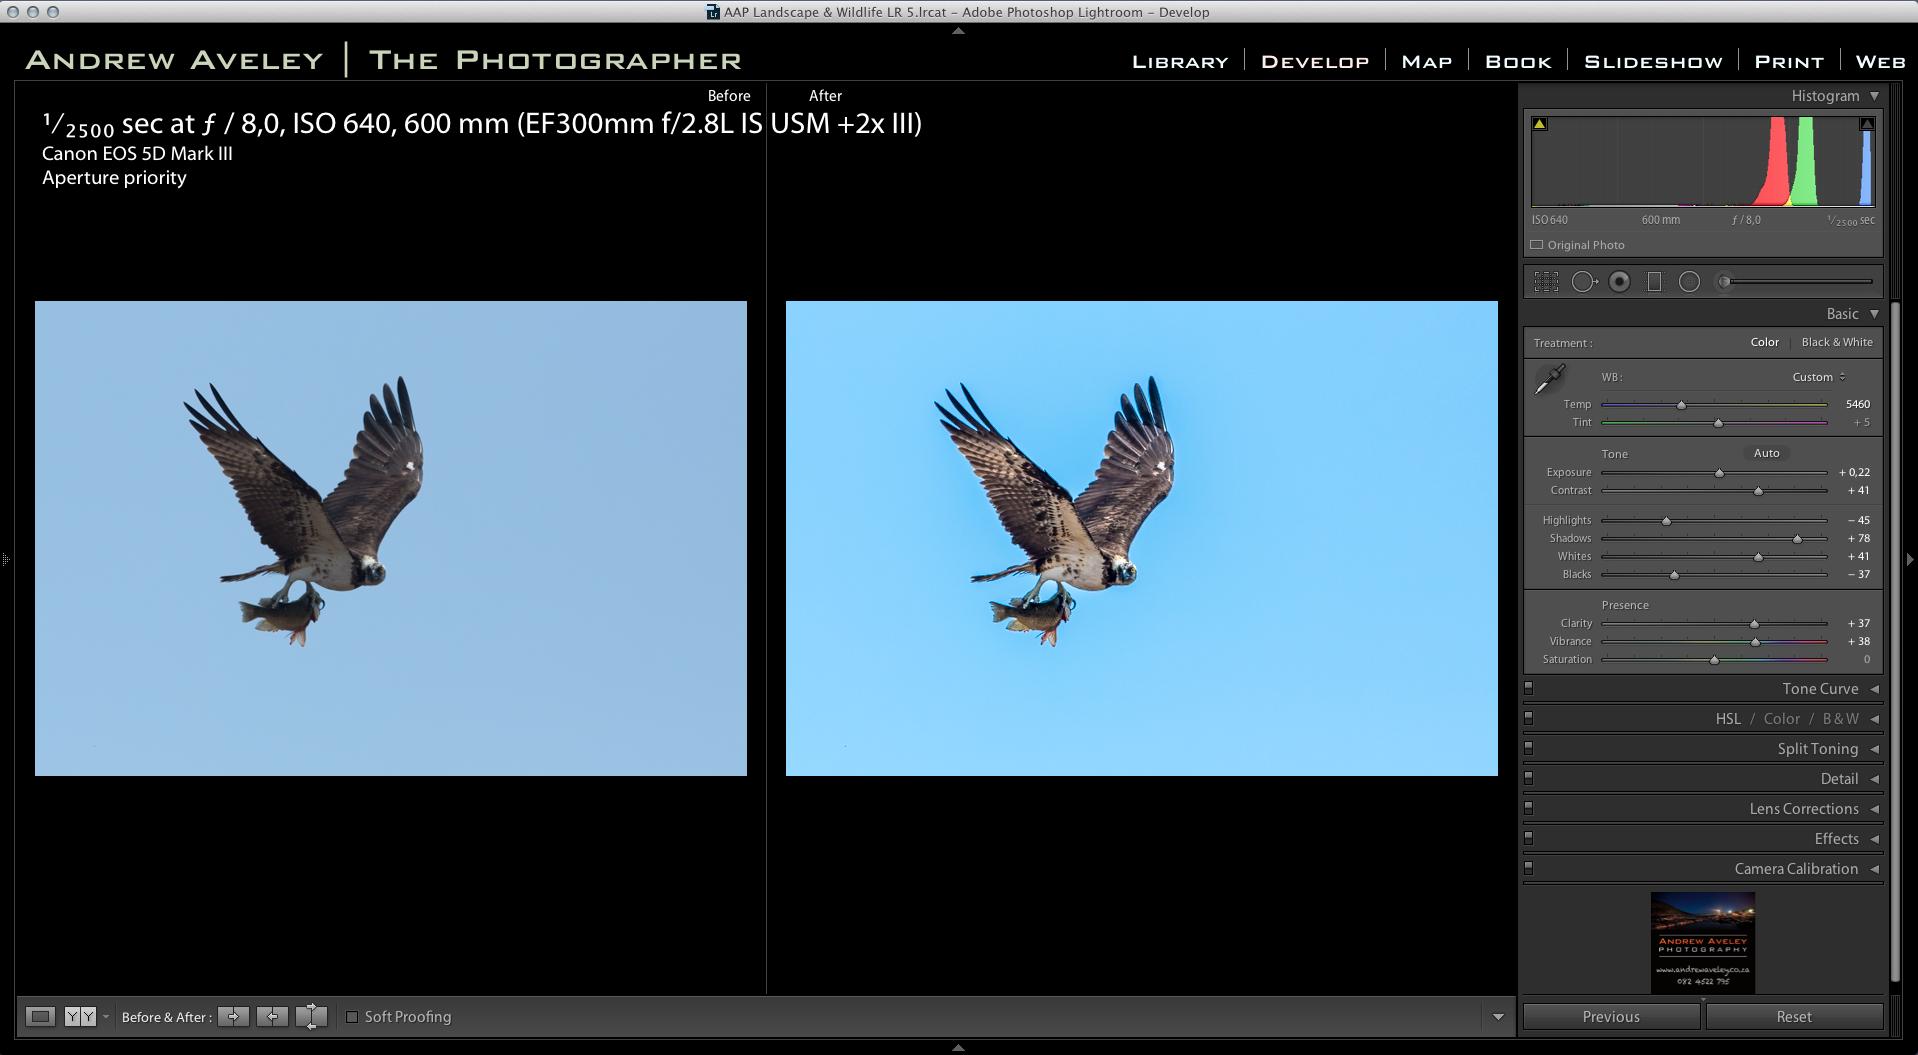 Screen Shot 2014-11-12 at 7.56.27 AM